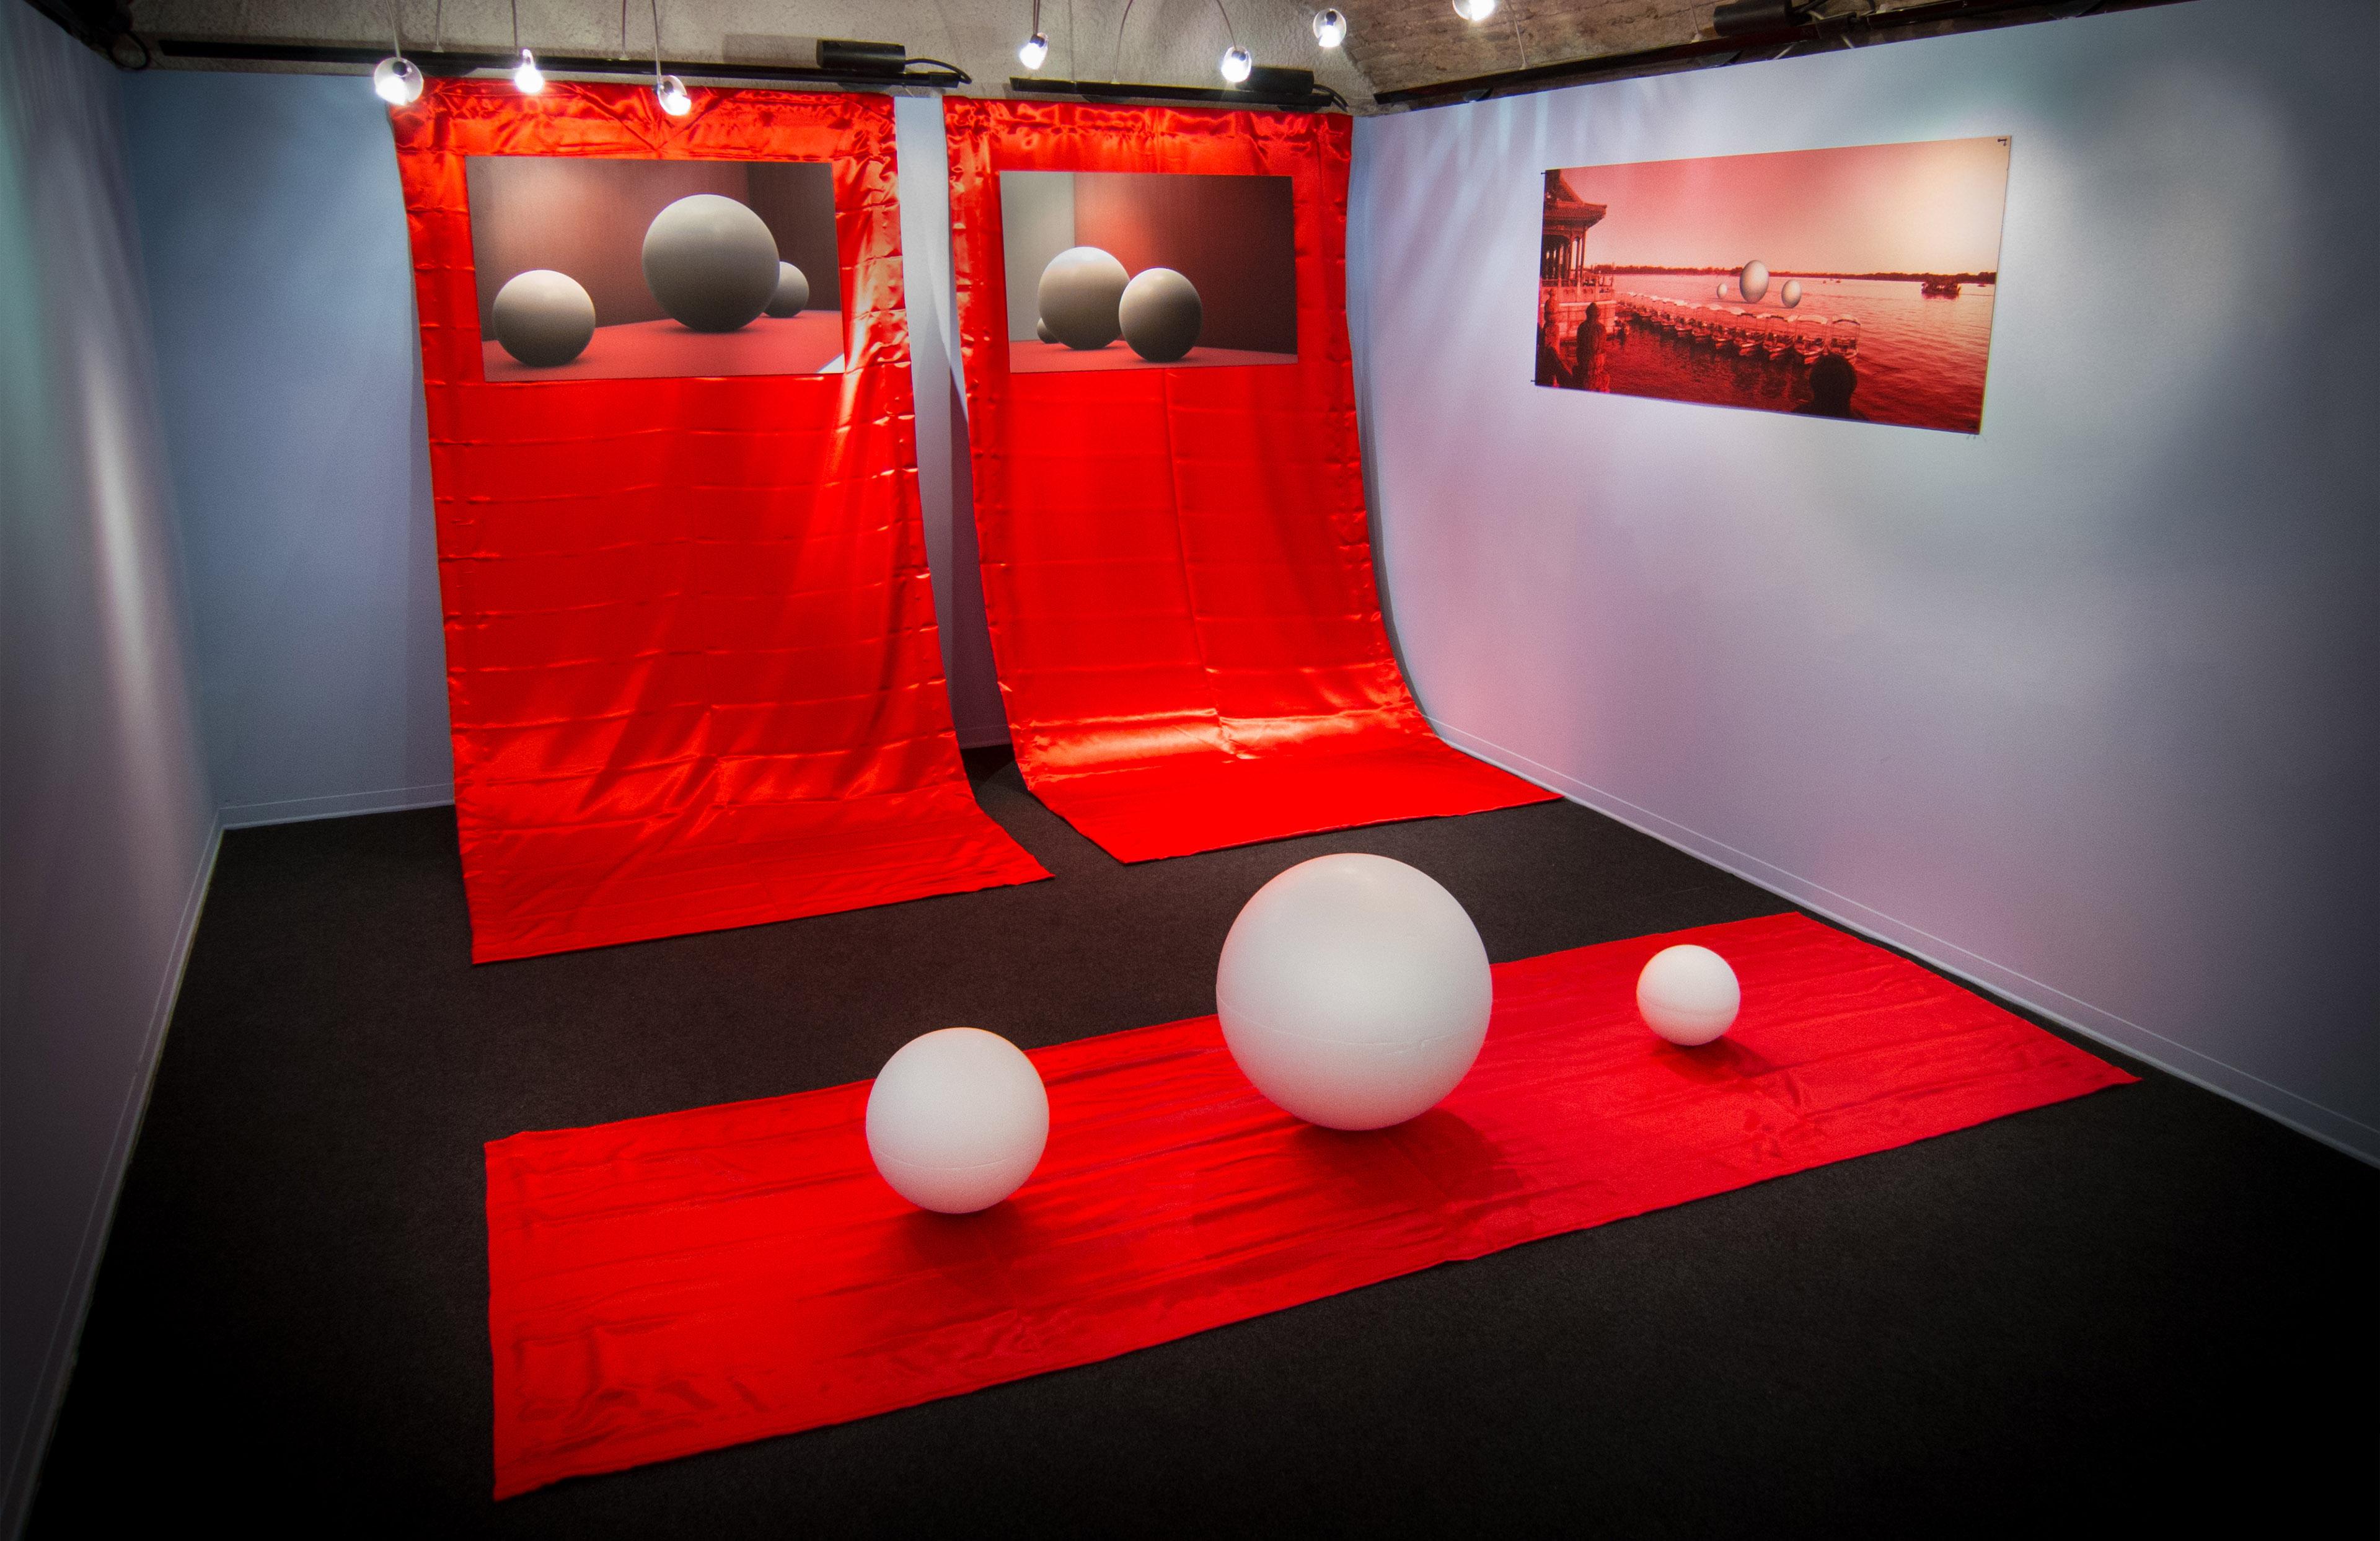 Totale installazione Mille Fotografie di Pechino by DiMMD